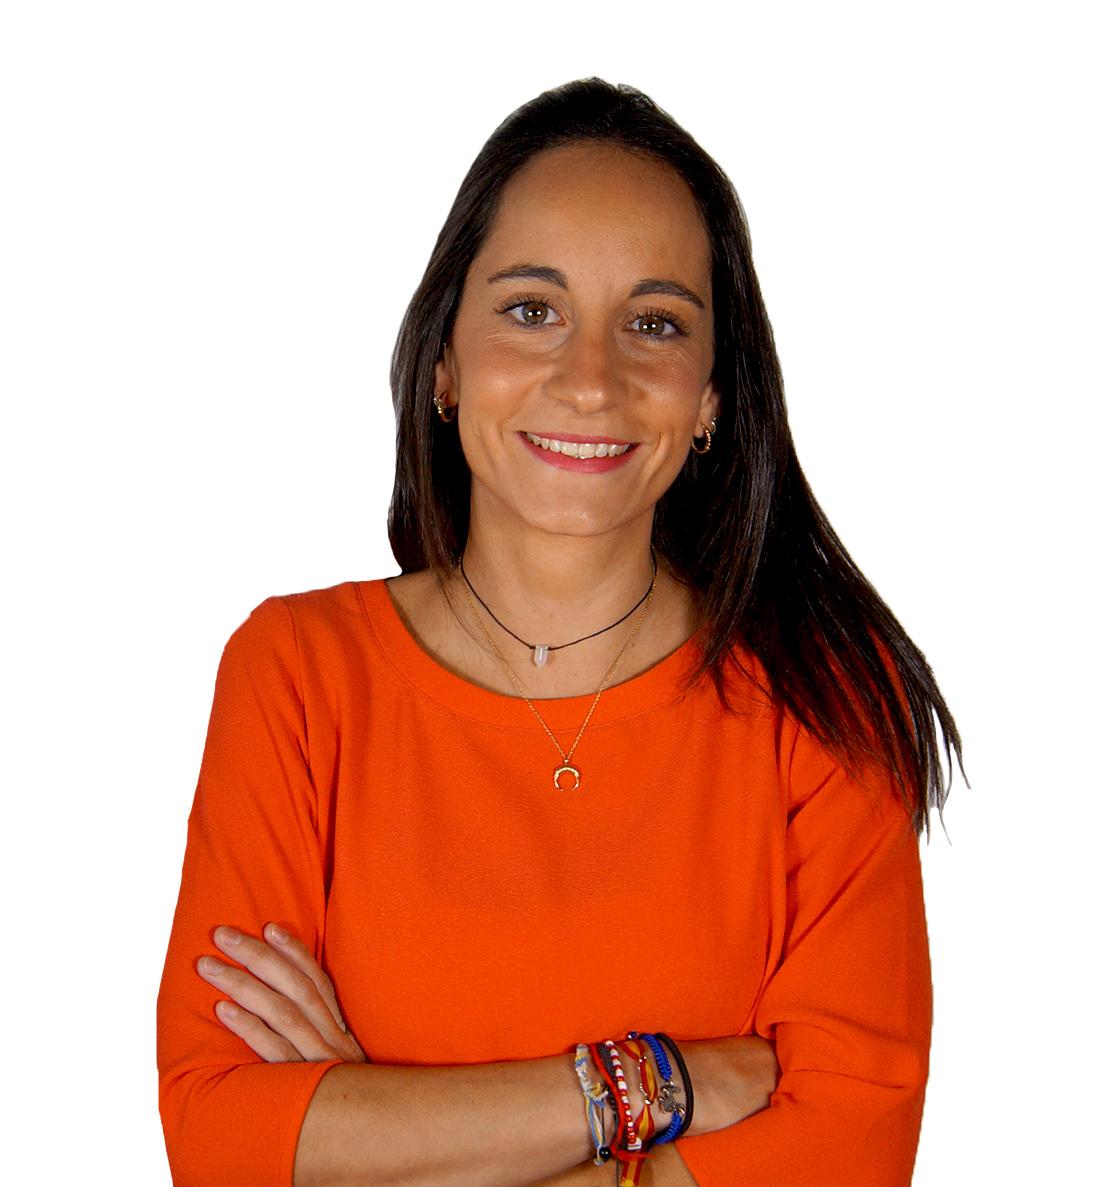 Andrea Redrado